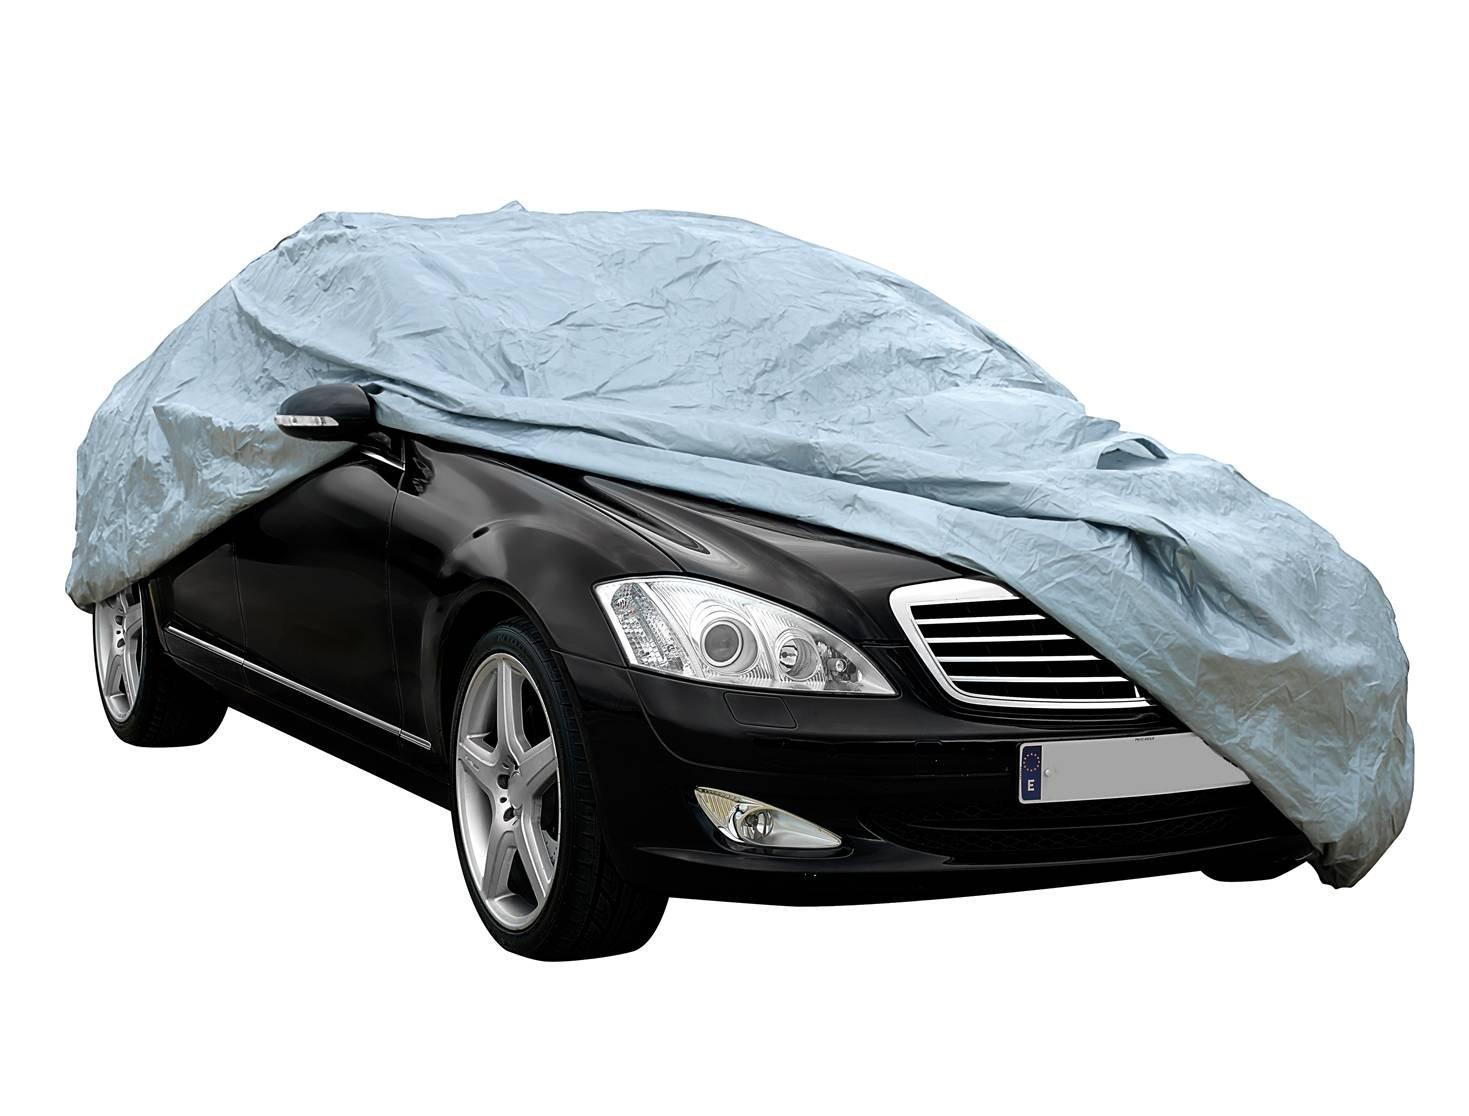 Cover+ Funda exterior premium para Kia SPORTAGE DE 2010, impermeable, doble capa sinté tica y de finas trazas de algodó n por el interior, transpirable para evitar la condensació n en el parabrisas. Sumex